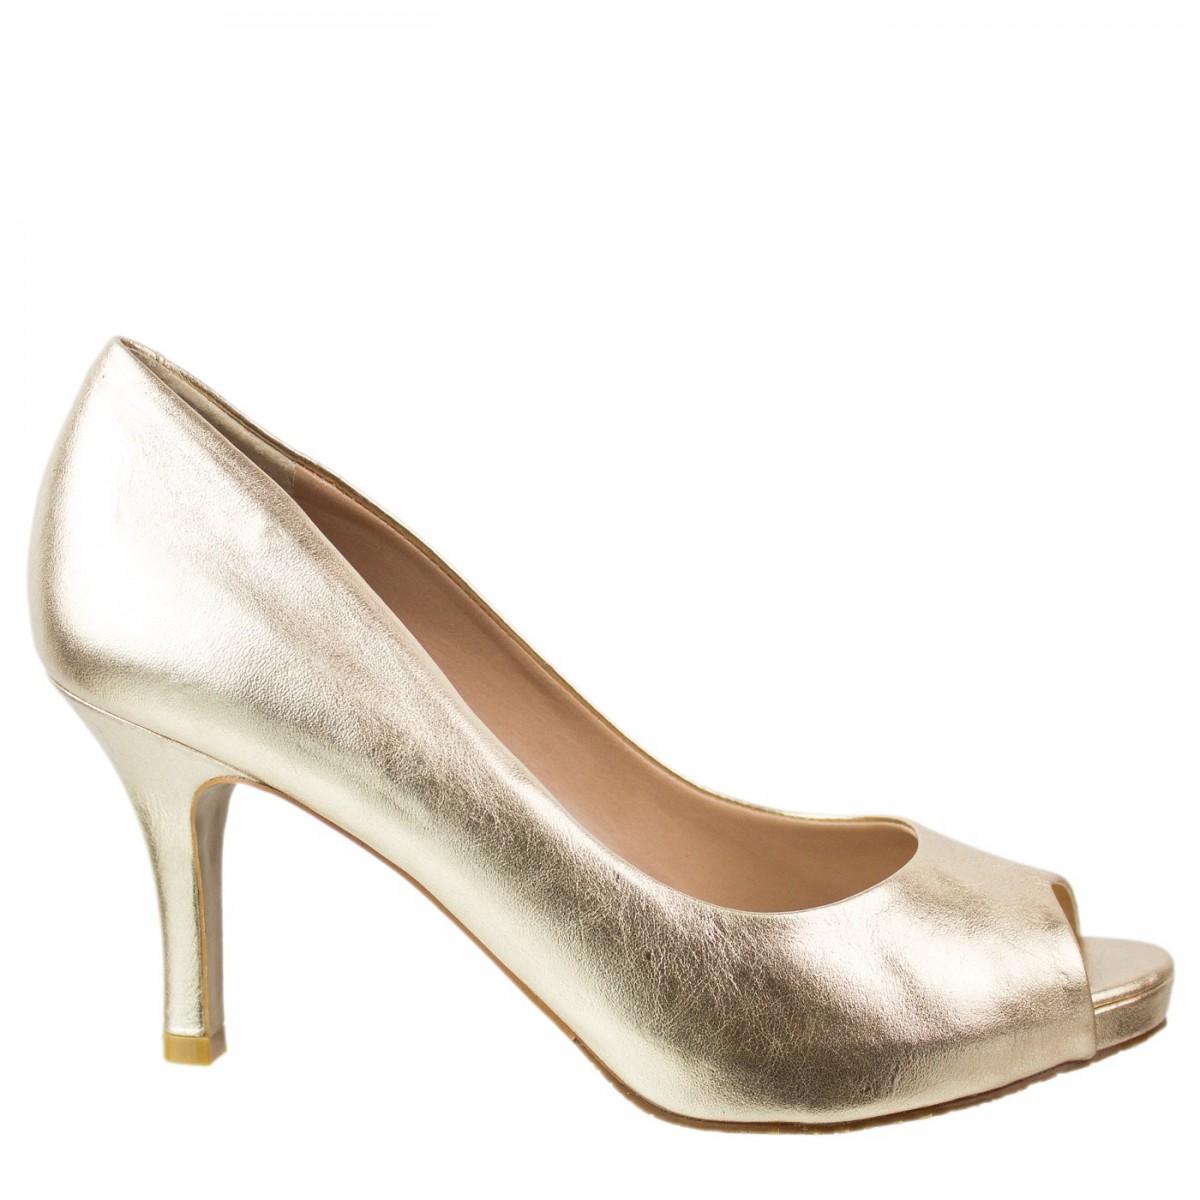 bc35d8744 Bizz Store - Sapato Peep Toe Feminino Luz da Lua Salto Alto